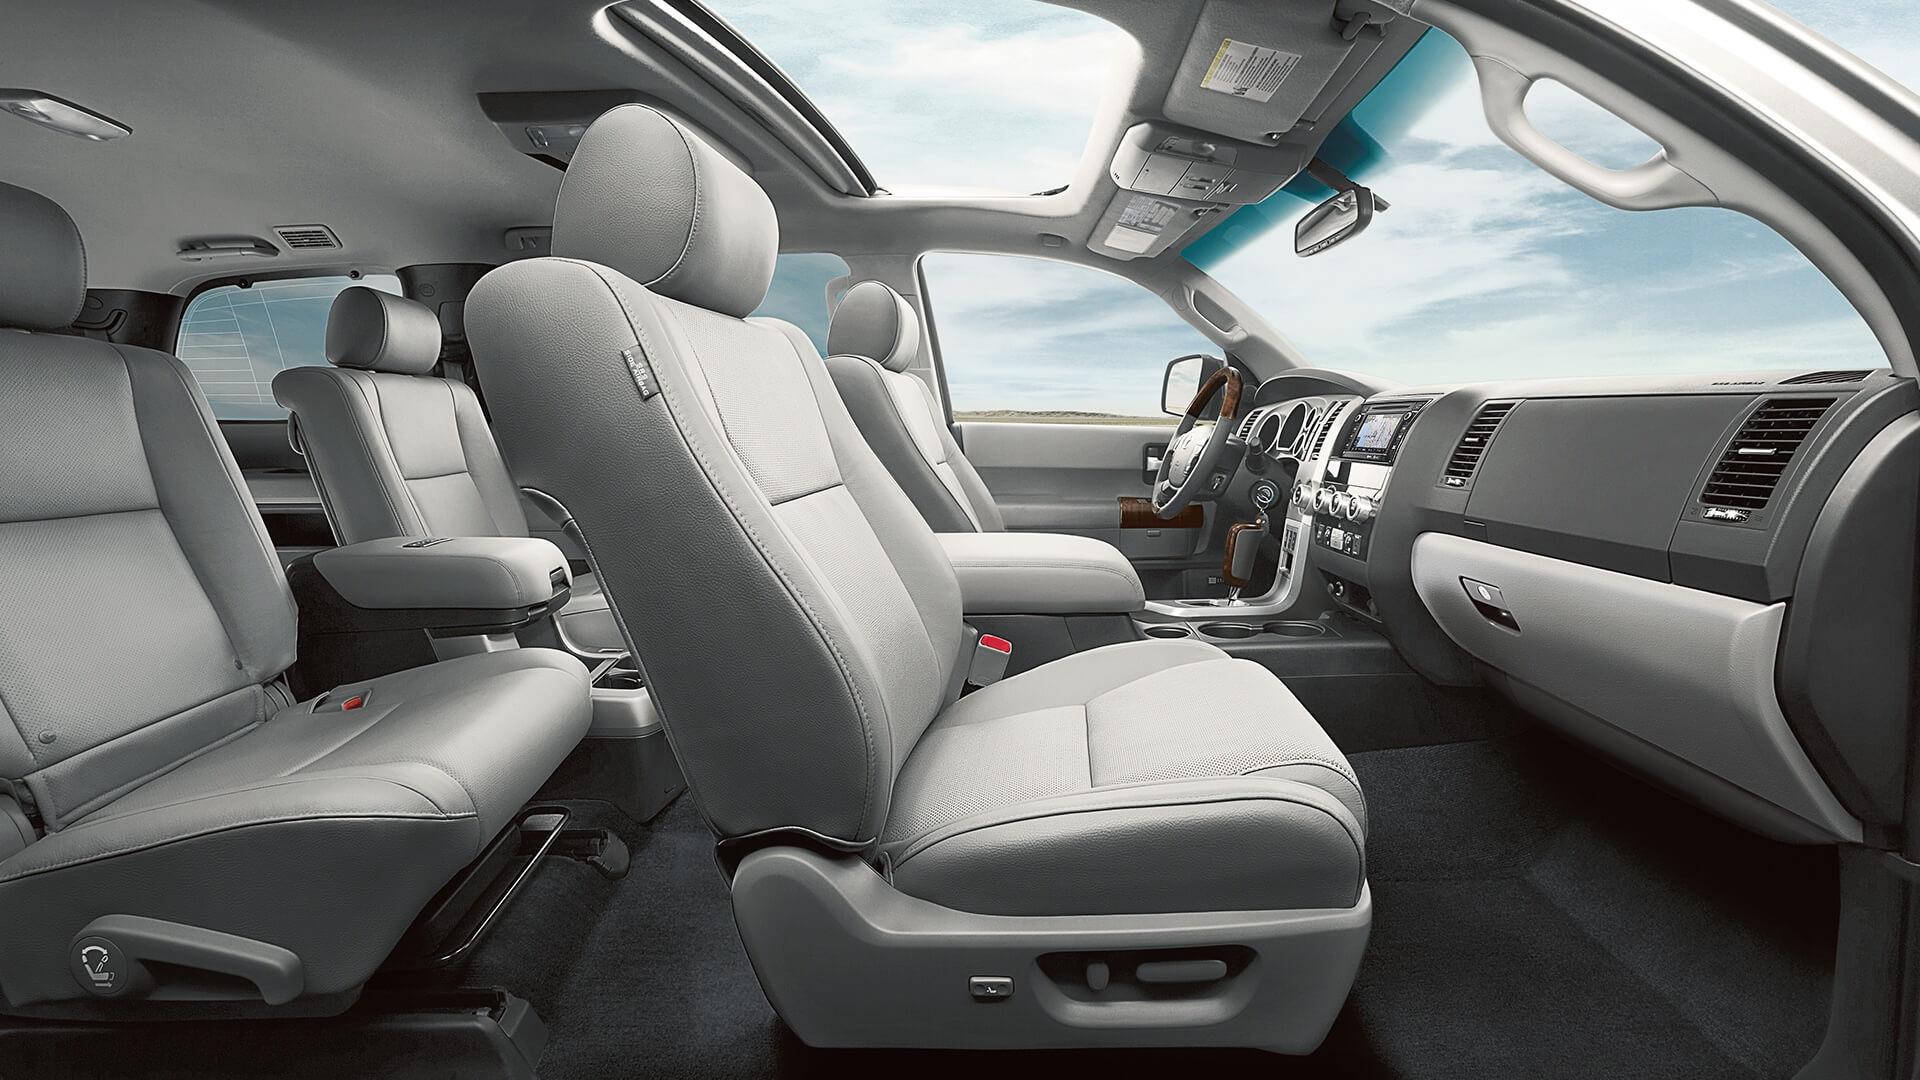 2017 Toyota Sequoia Seats